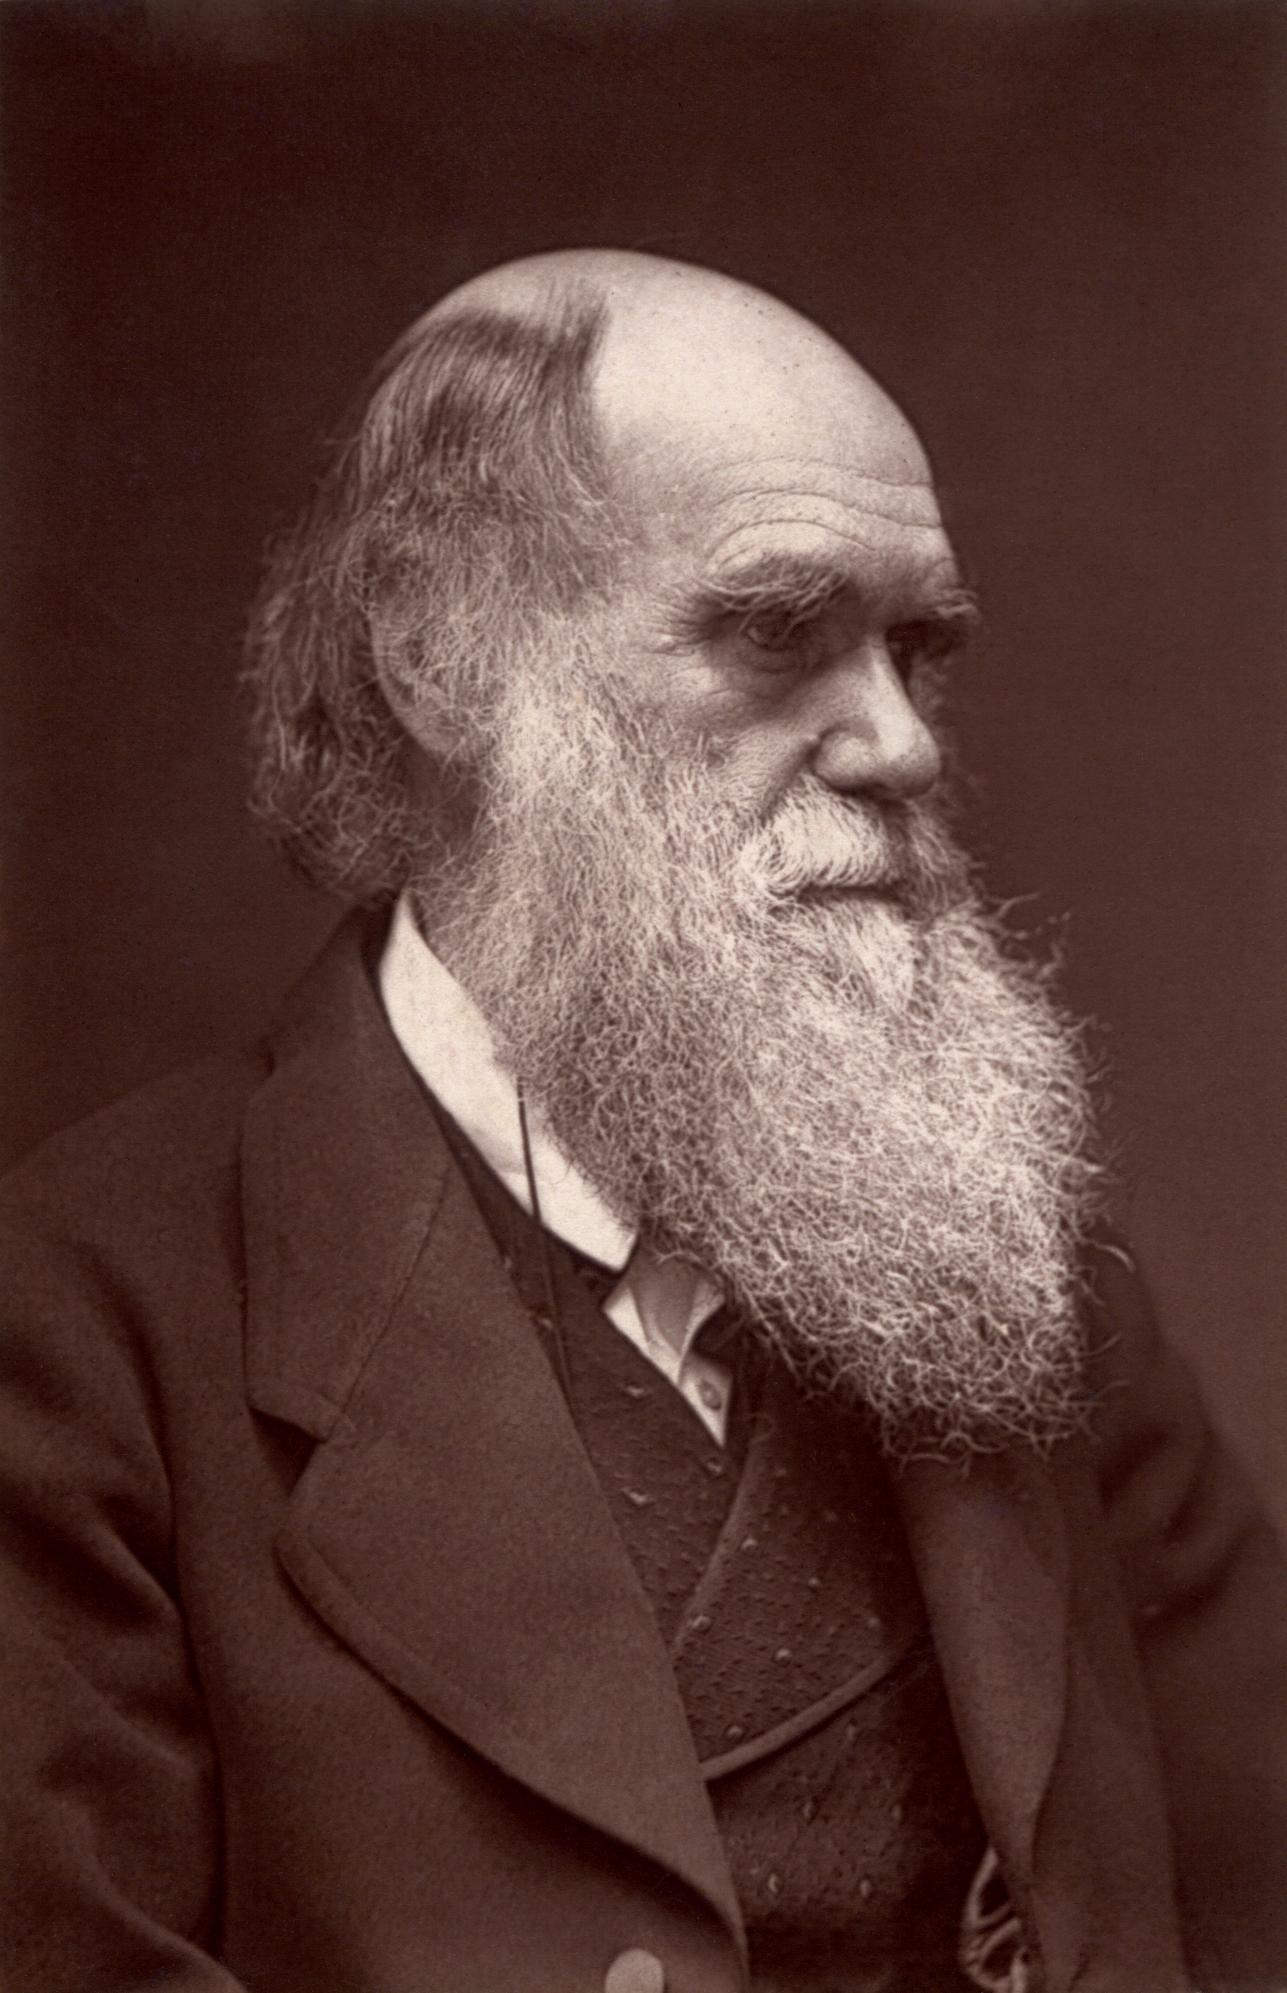 2013-01-09-Darwin__John_G_Murdoch_Portrait_restored_1871_wikimediacommons.jpg